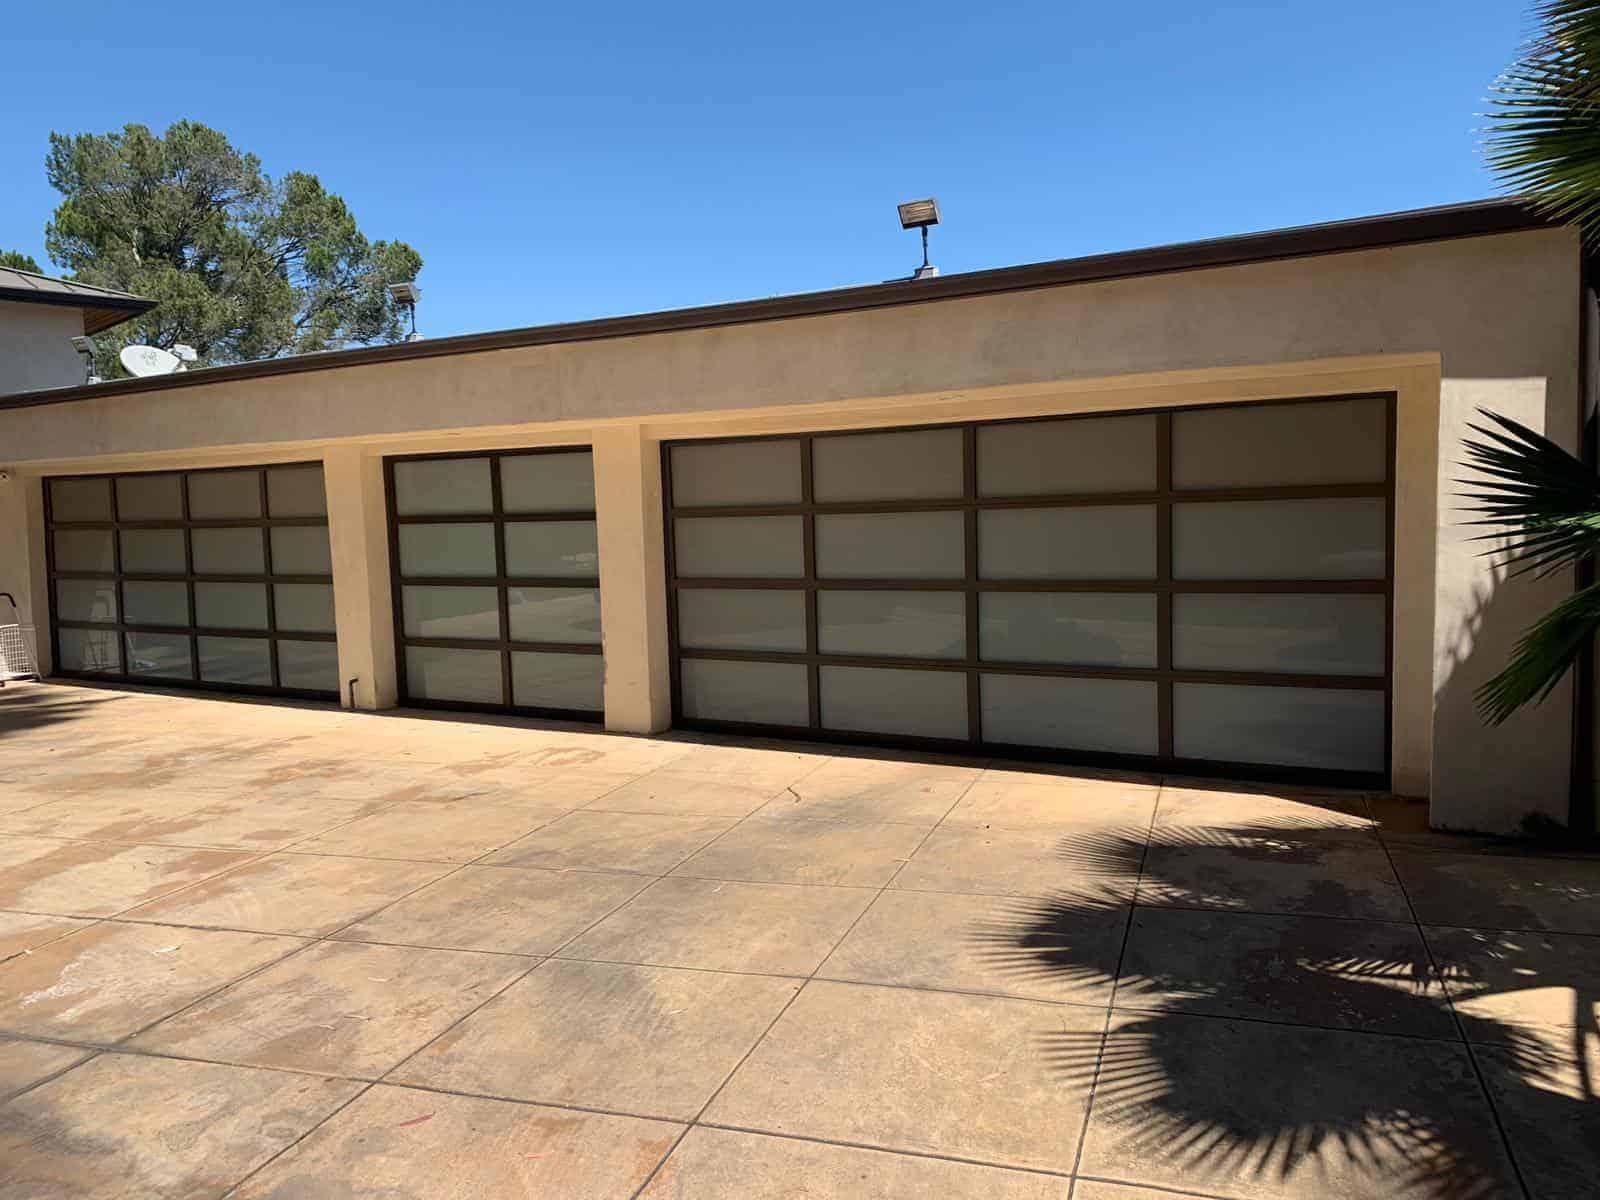 Pico Rivera CA Garage Door Repair & Replacement